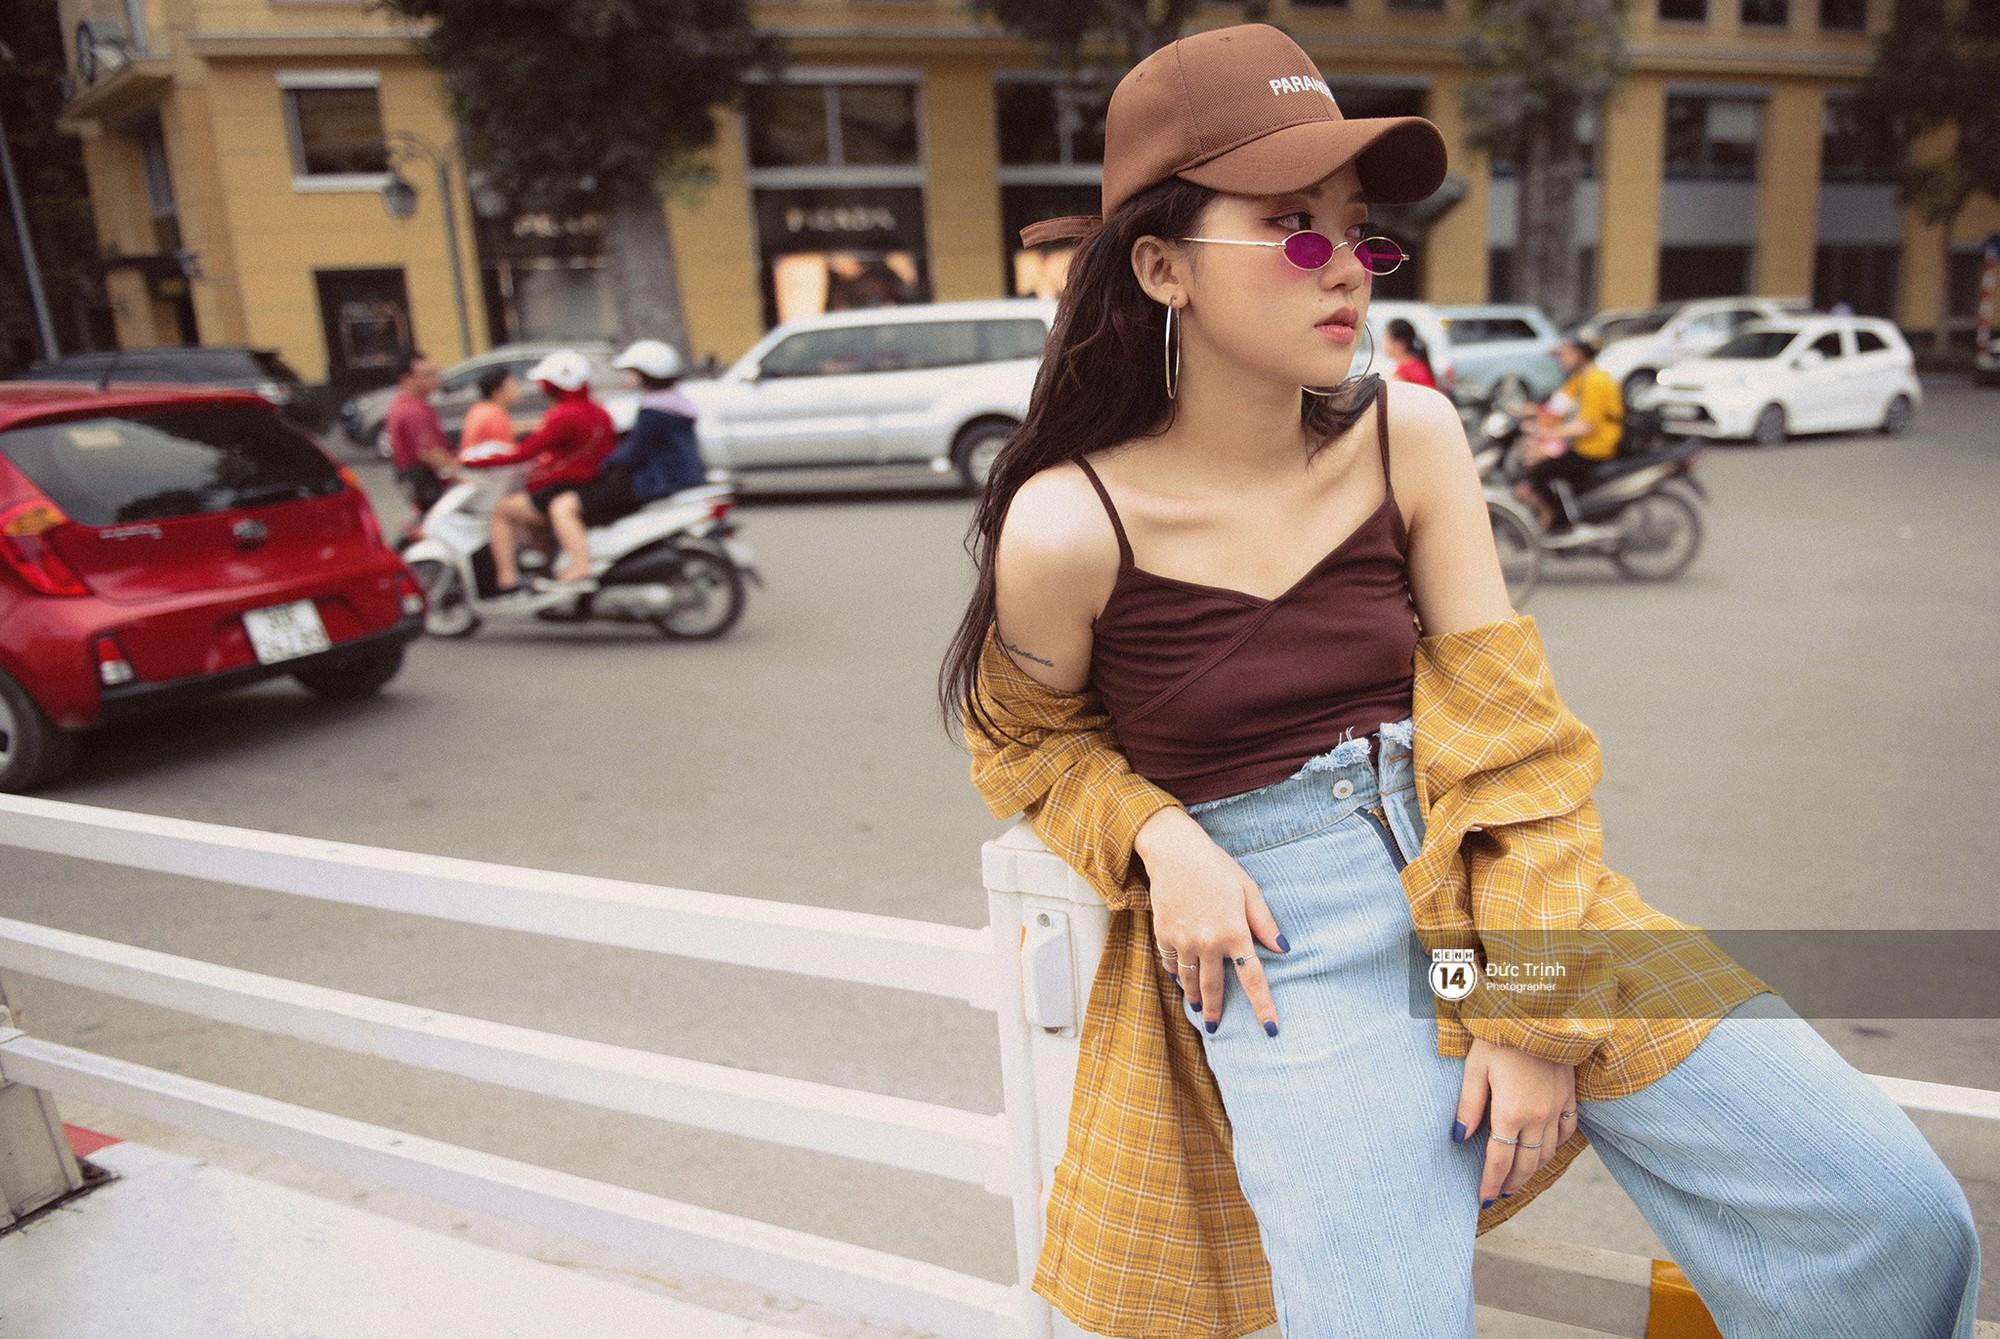 Street style giới trẻ Việt: Hà Nội toàn áo 2 dây và xuyên thấu mát mẻ; Sài Gòn vẫn điệp khúc càng ấm càng chất - Ảnh 1.